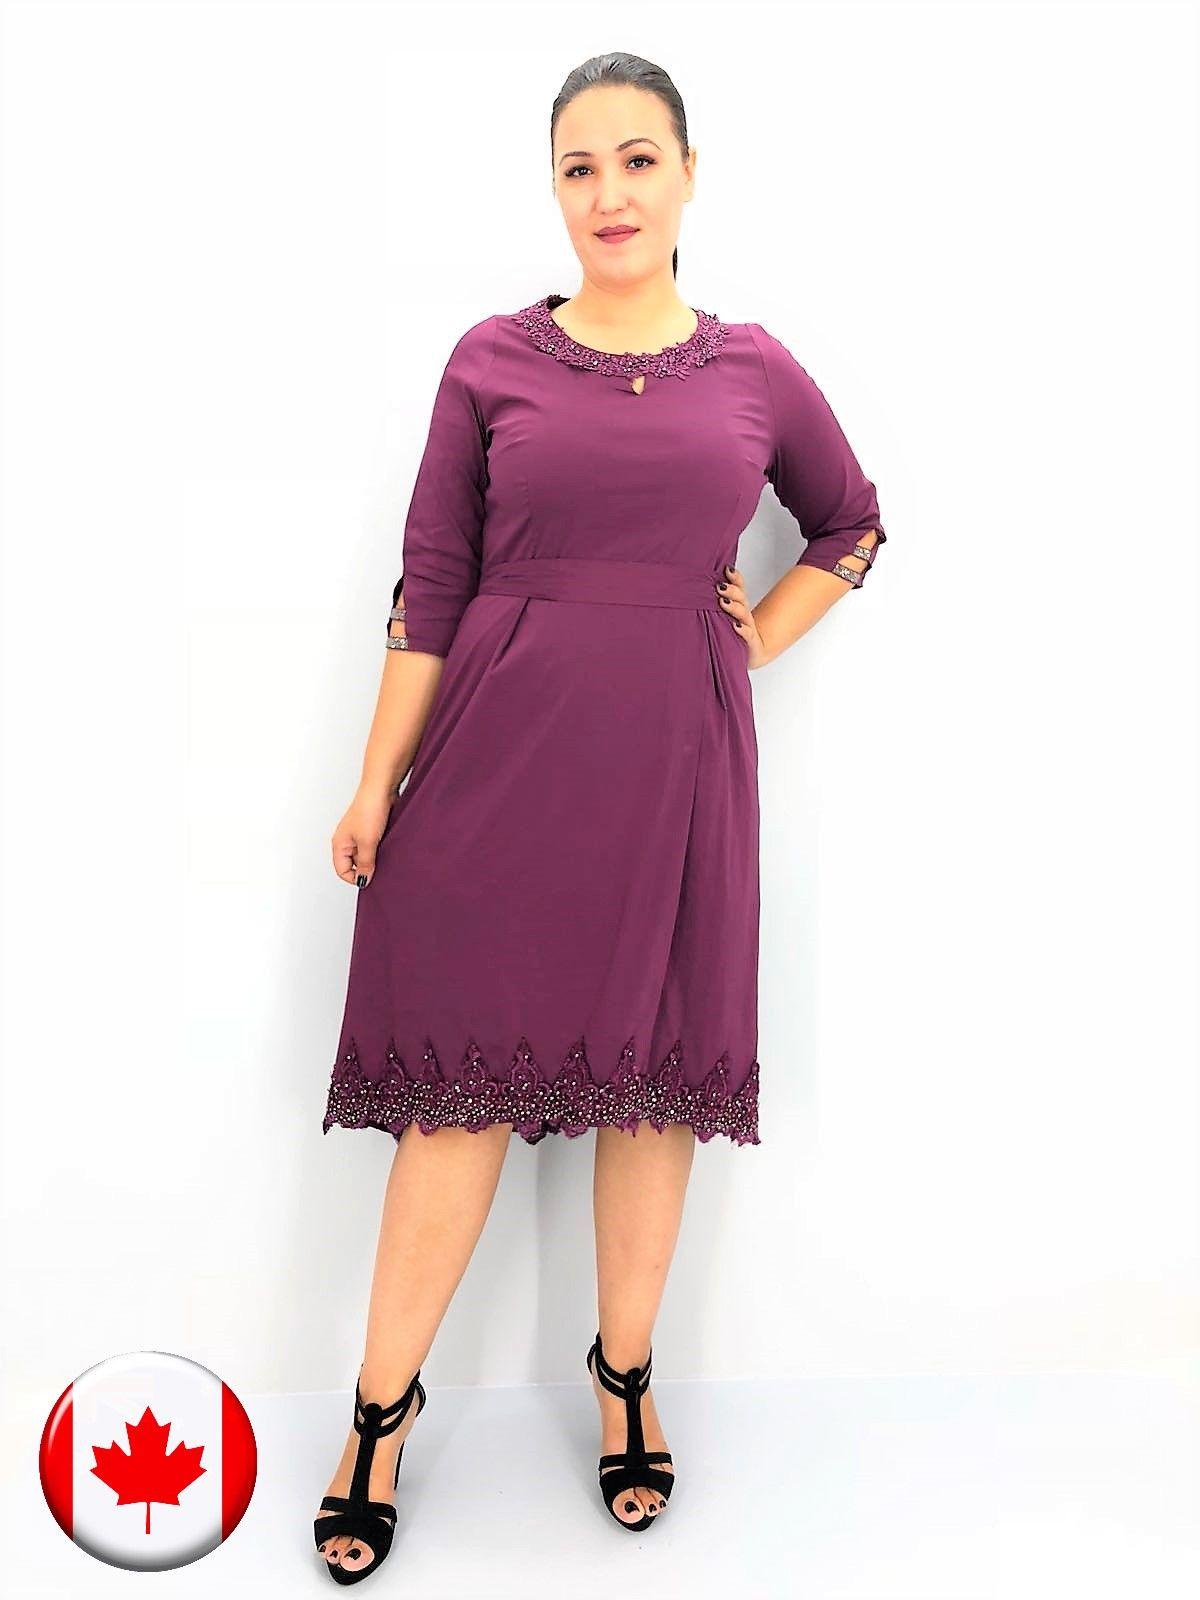 Стильные женские платья, туники и рубашки из Турции ...